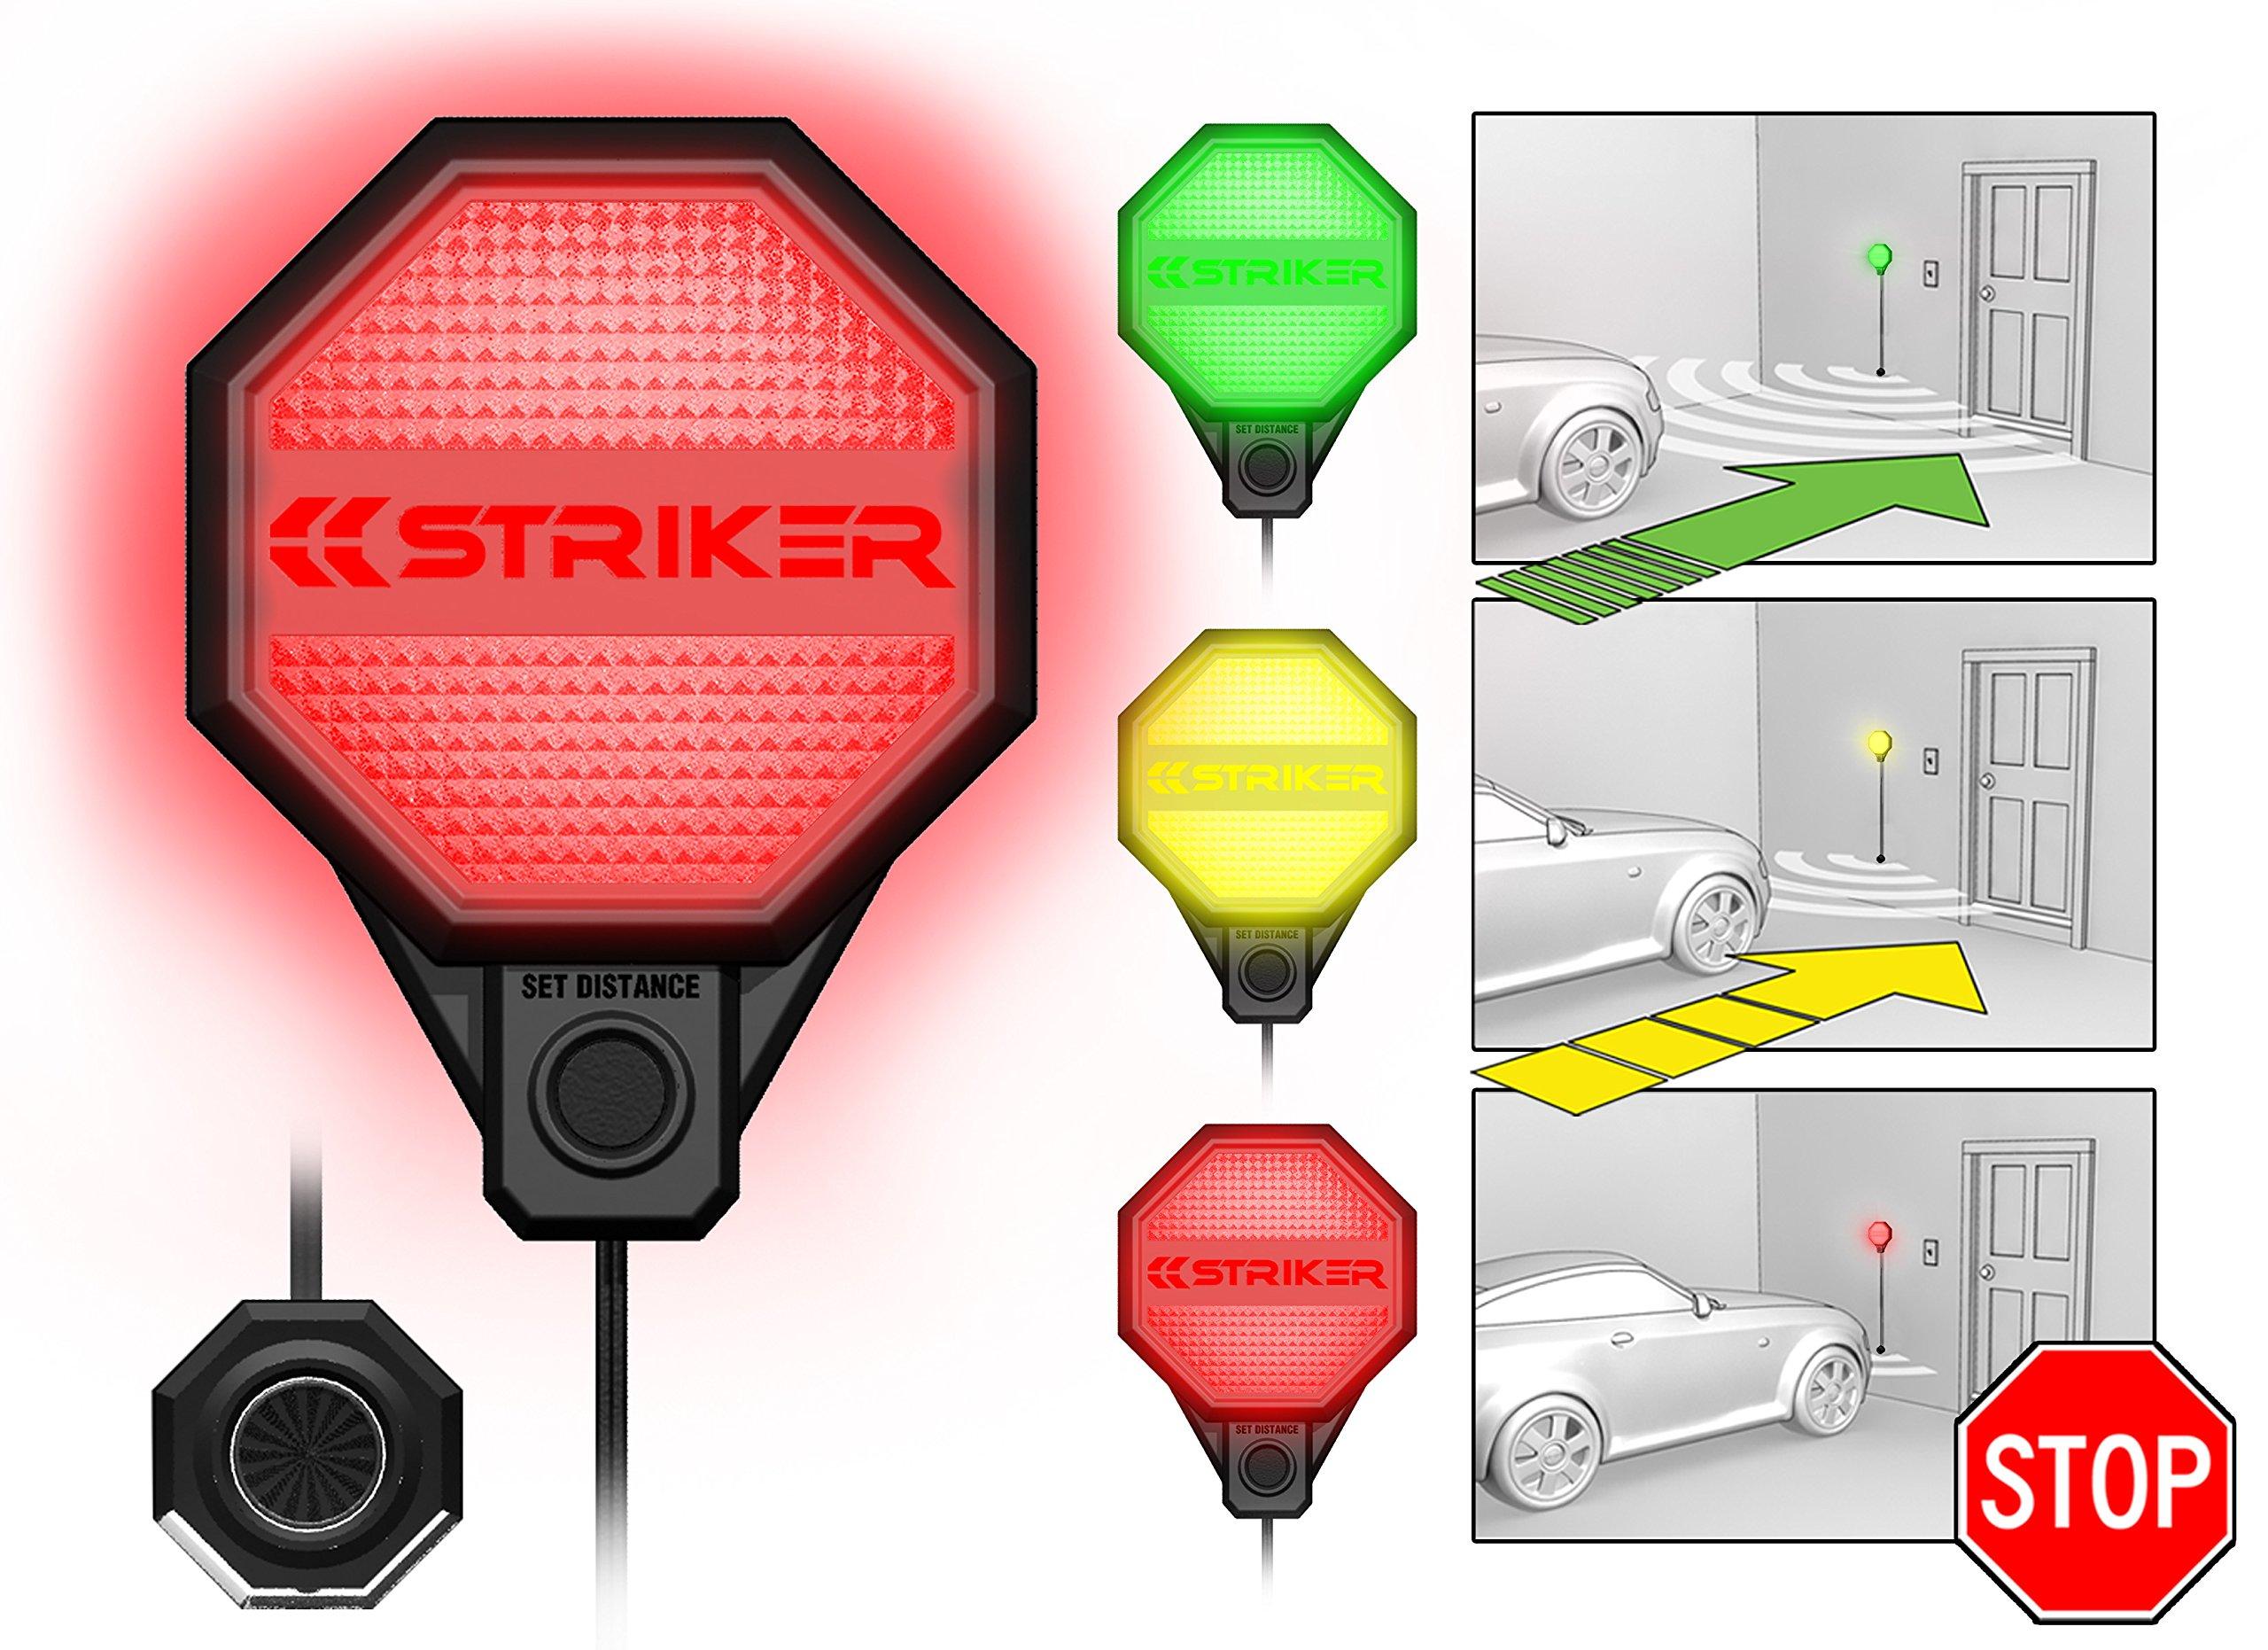 Striker Adjustable Garage Parking Sensor - Parking Aid by Striker Concepts (Image #2)